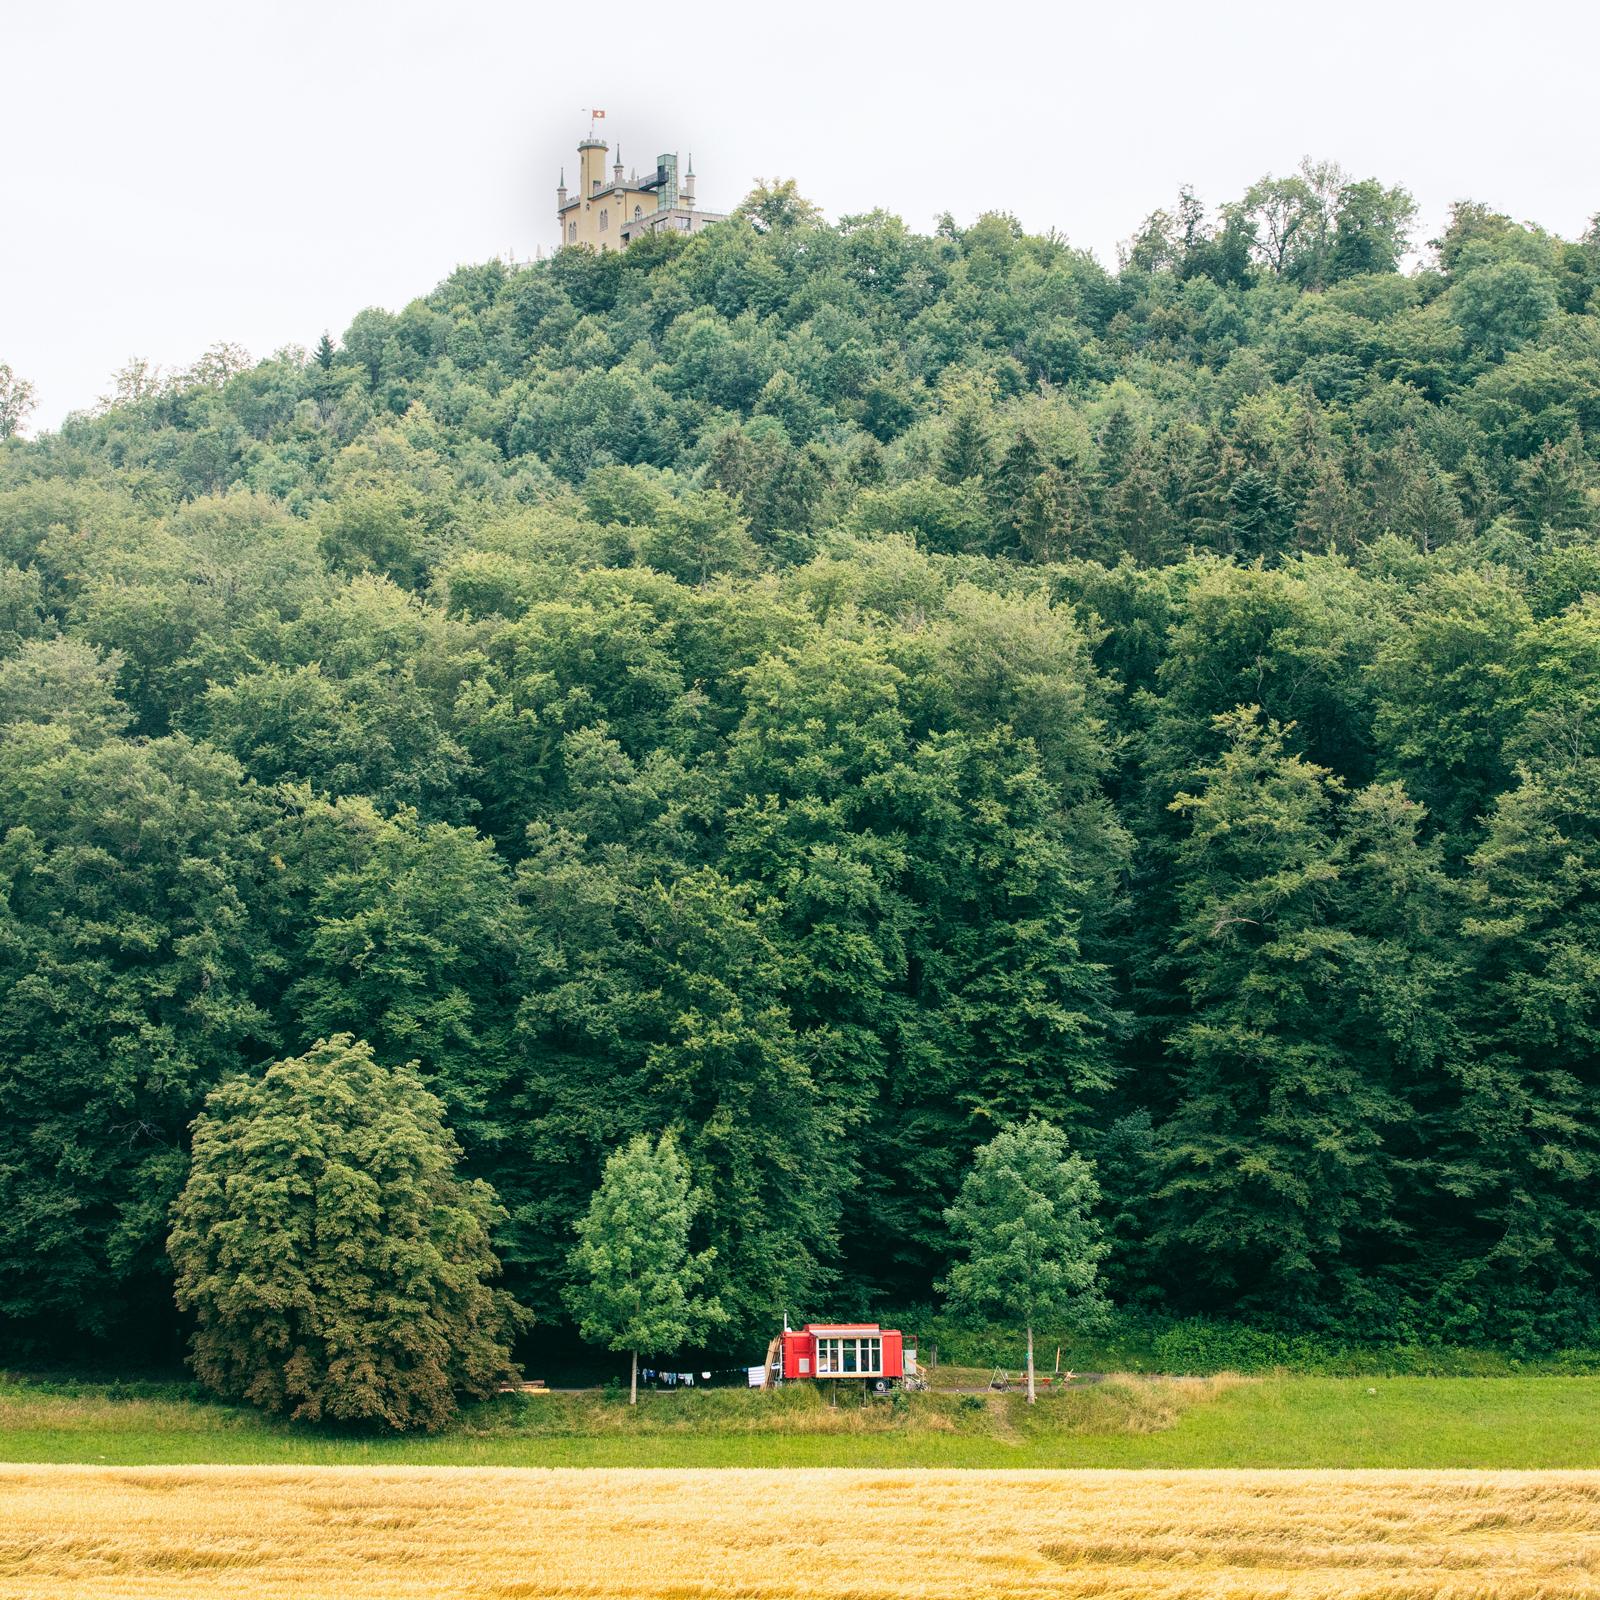 - Der künstlerische Erlebnisrundgang führt durch Feld und Wald im Gebiet der Warbighöfe zwischen Engelberg und Starrkirch-Wil. Der Rundgang startet und endet hier. Geführt durch einen Audioguide findest du an verschiedenen Stationen einzigartige visuelle und akustische Beiträge. Du erlebst eine überraschende, fiktive Geschichte, die die Gegebenheiten vor Ort und die Natur mit einbezieht.